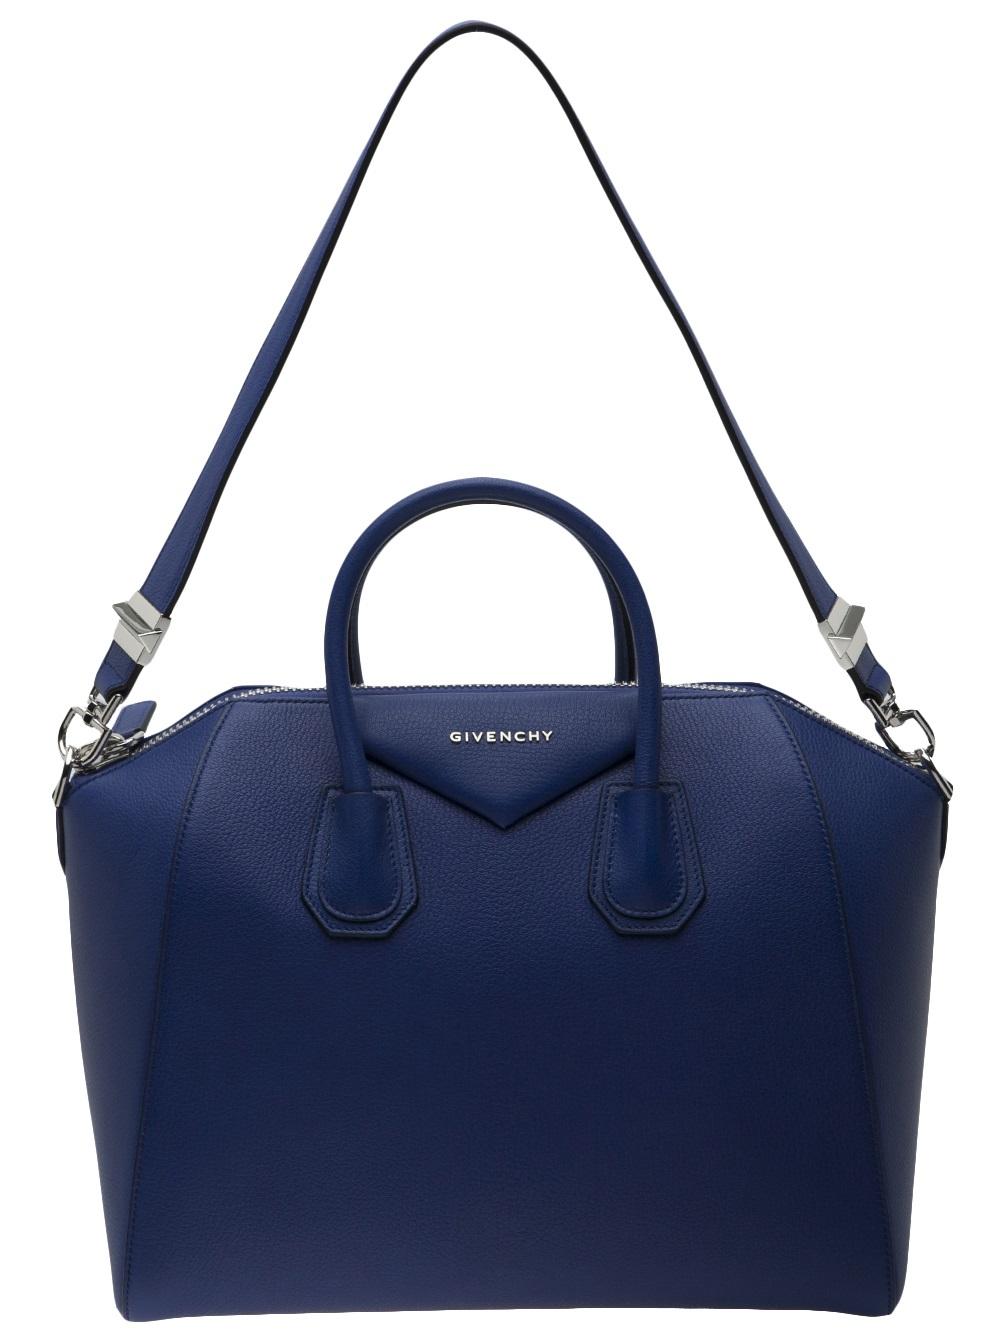 a9ff656ee0 Lyst - Givenchy Antigona Medium Bag in Blue